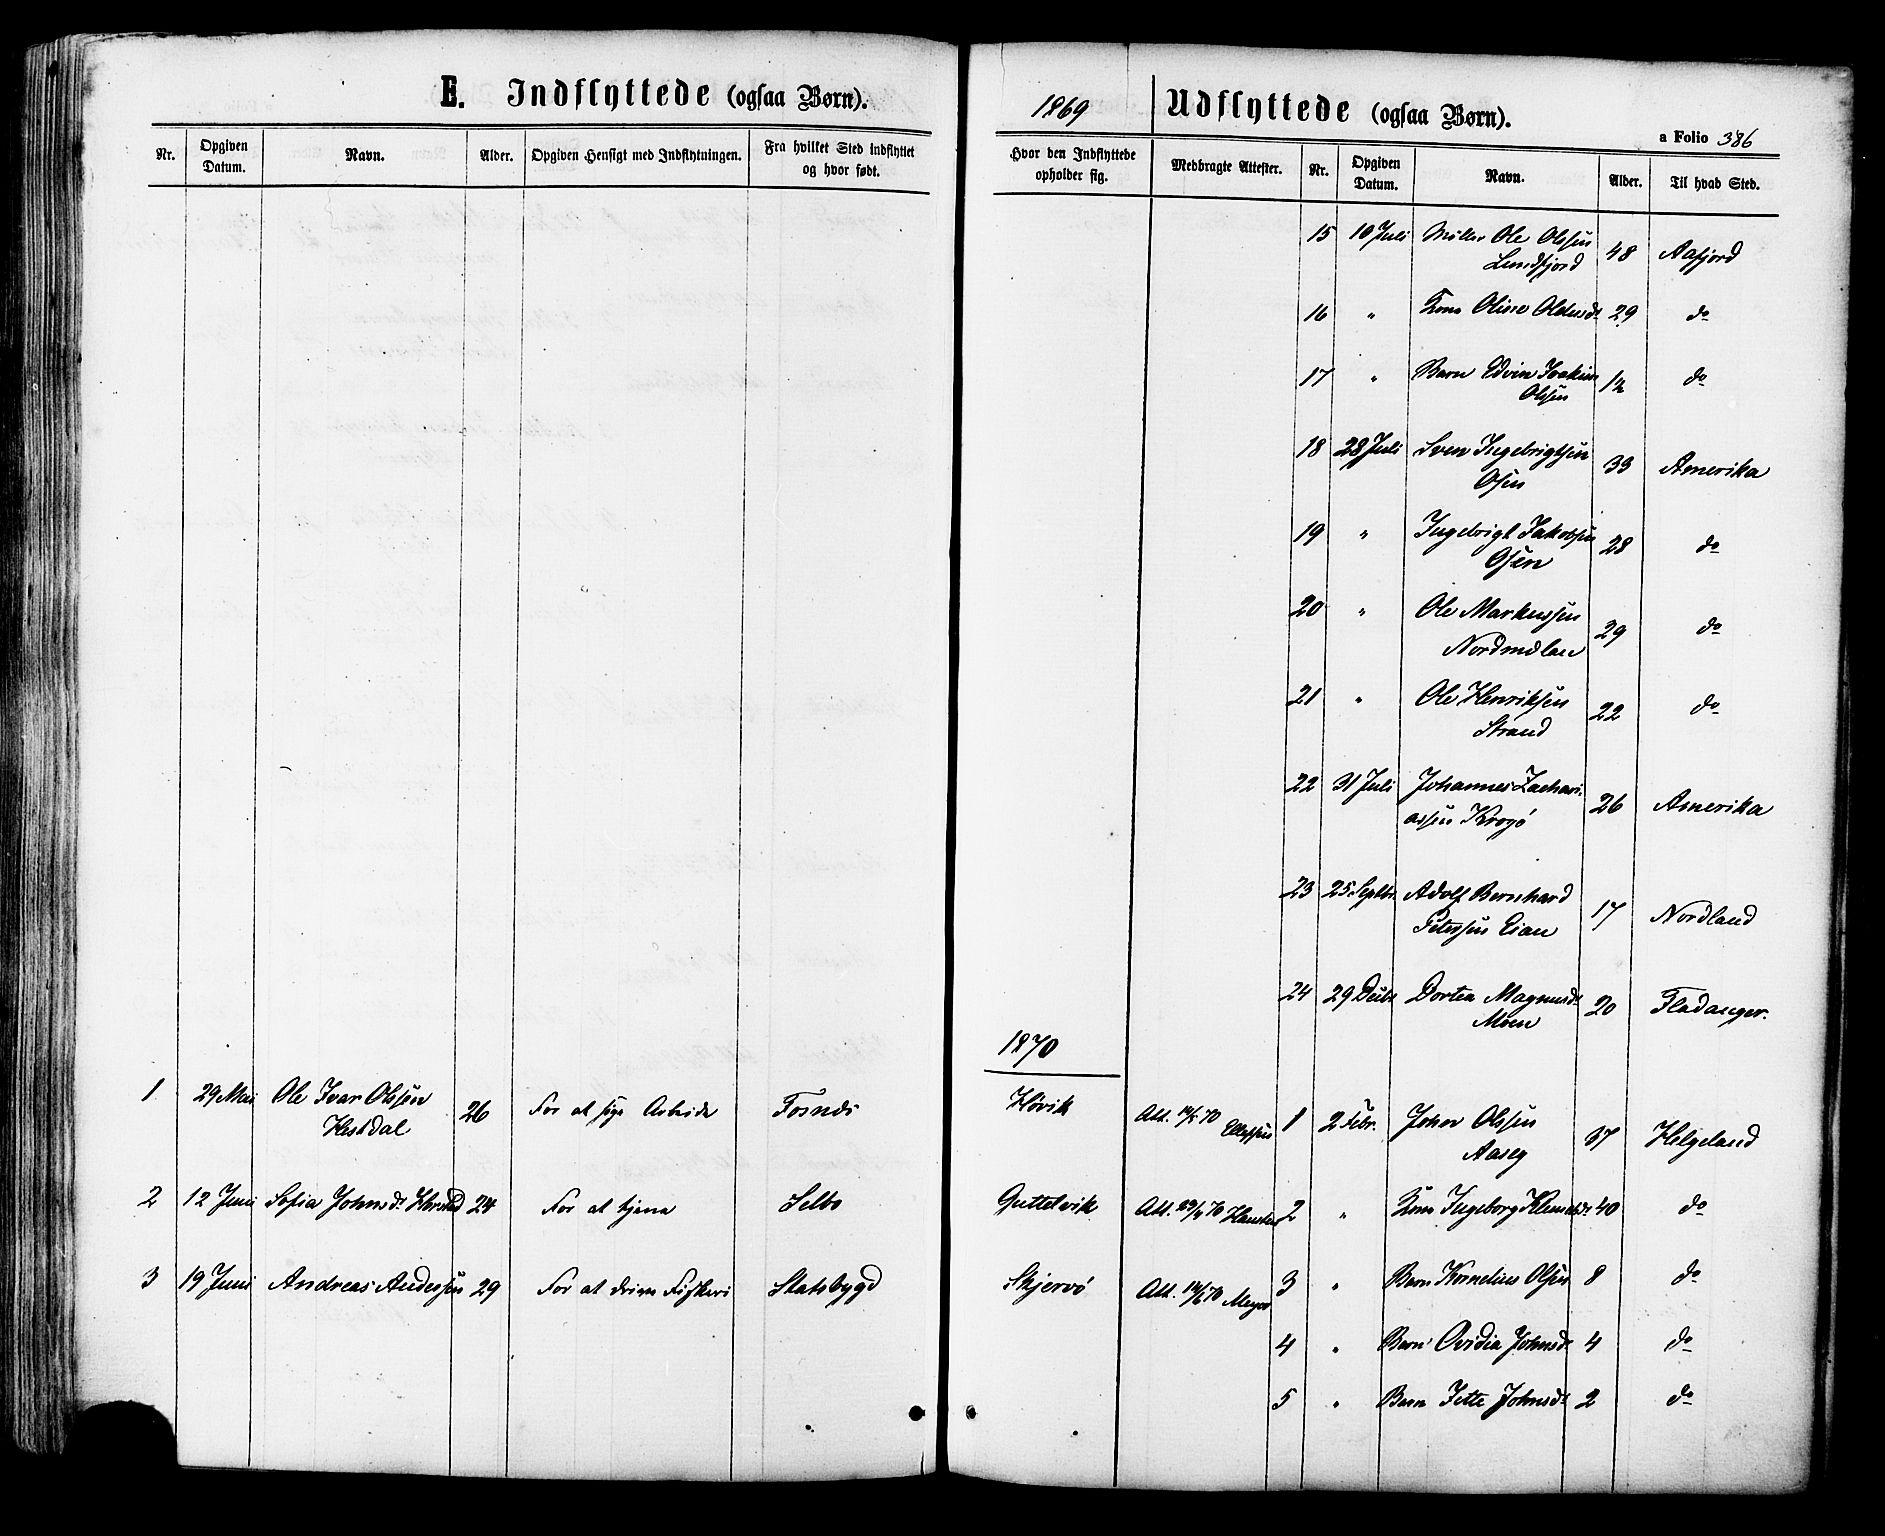 SAT, Ministerialprotokoller, klokkerbøker og fødselsregistre - Sør-Trøndelag, 657/L0706: Ministerialbok nr. 657A07, 1867-1878, s. 386